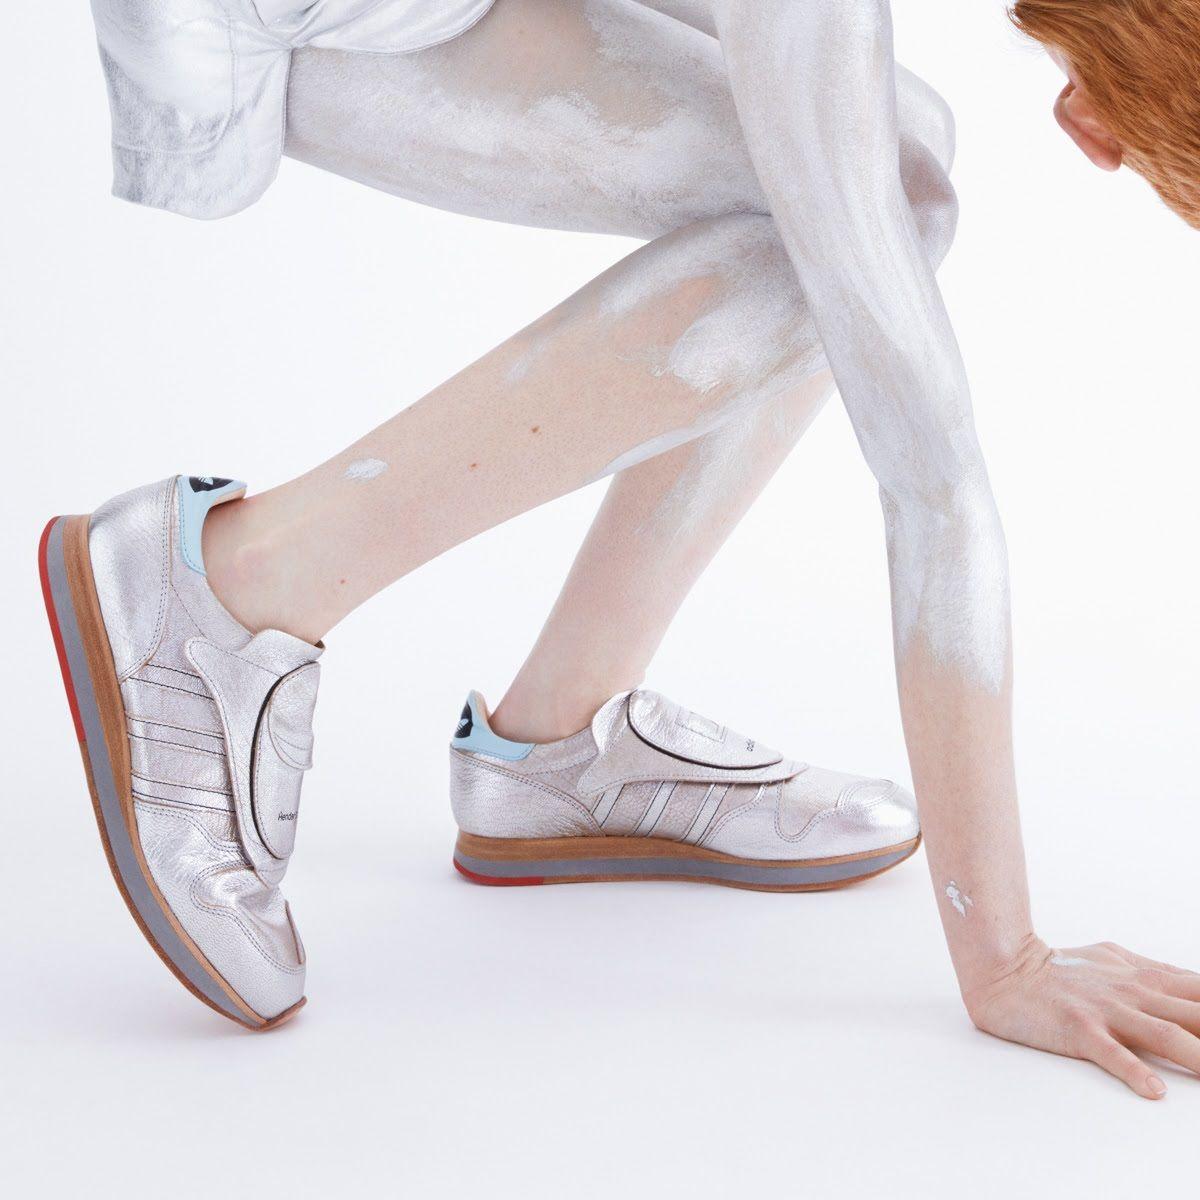 252f78f1517b3 Hender Scheme x adidas Originals Micro-pacer